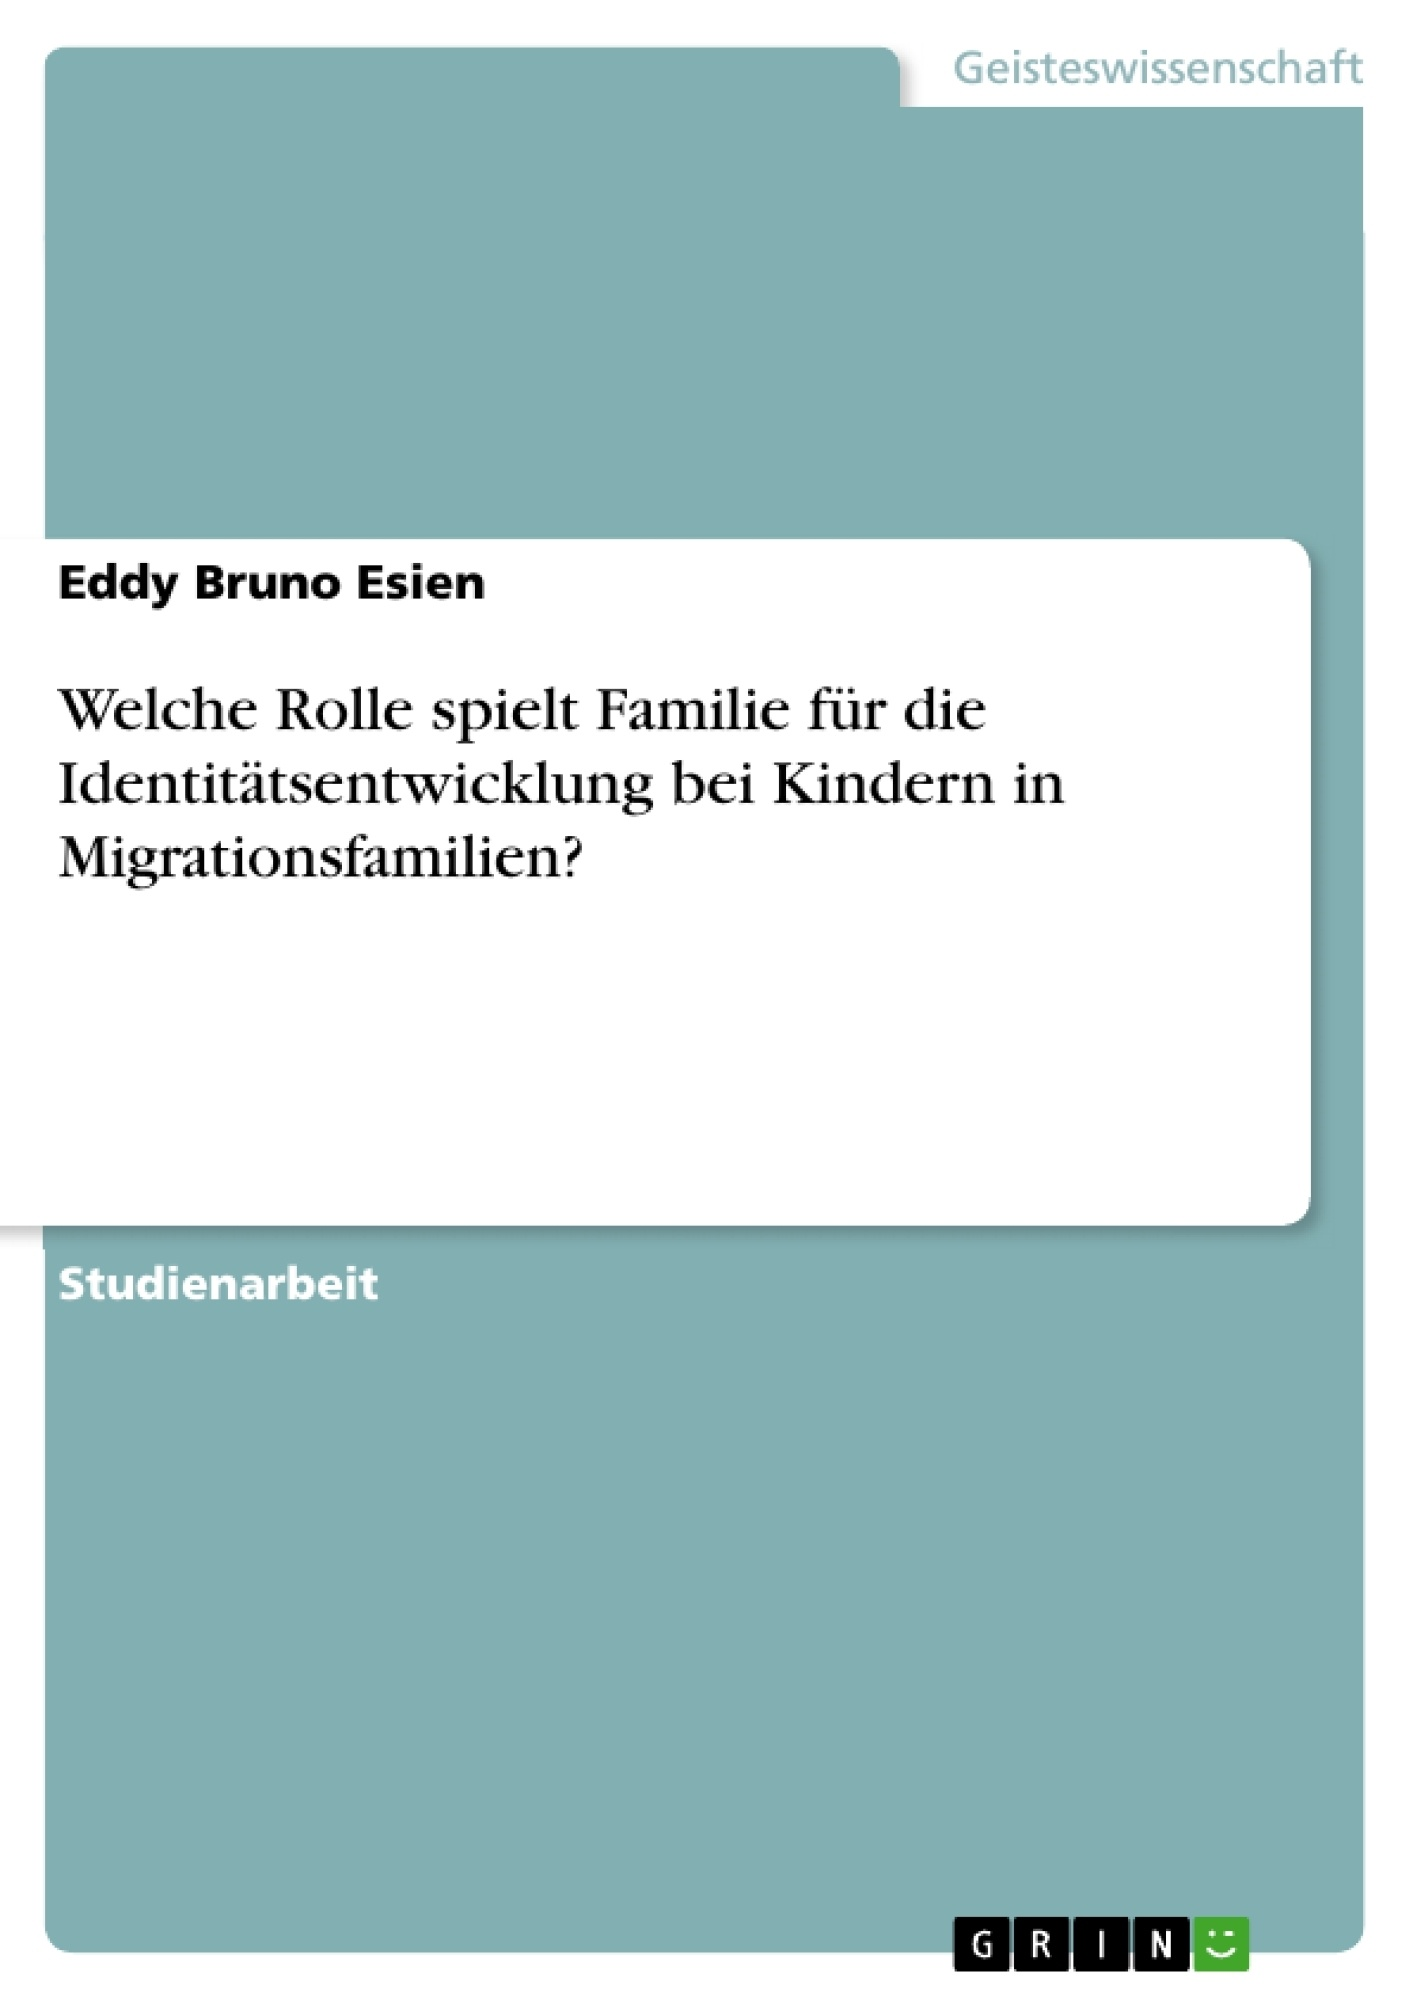 Titel: Welche Rolle spielt Familie für die Identitätsentwicklung bei Kindern in Migrationsfamilien?